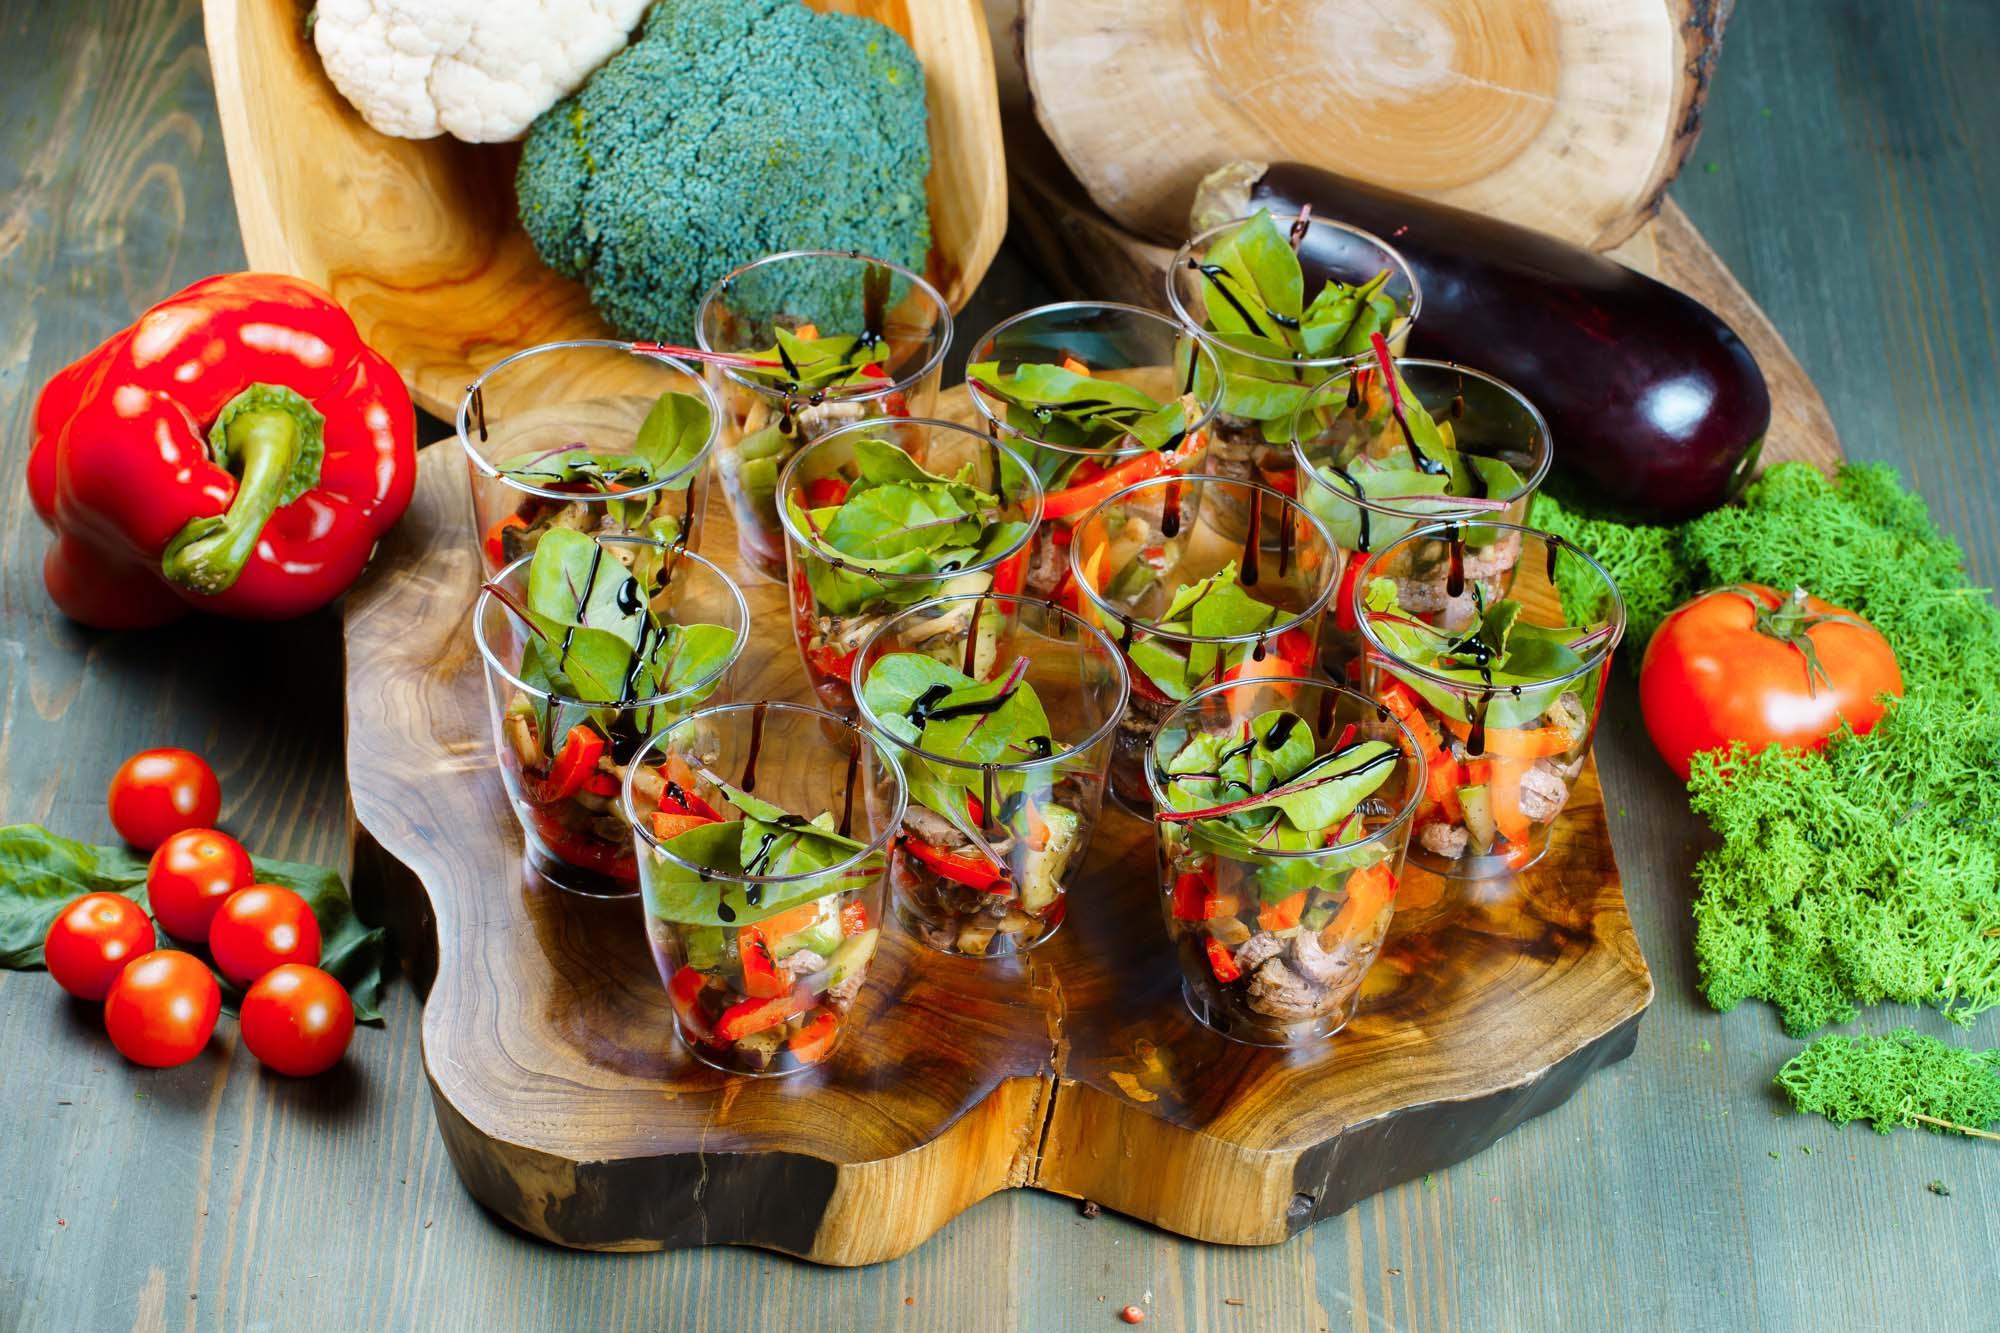 СЕТ №48 Салат из овощей гриль с ростбифом и бальзамическим соусом 12 шт по 70 гр